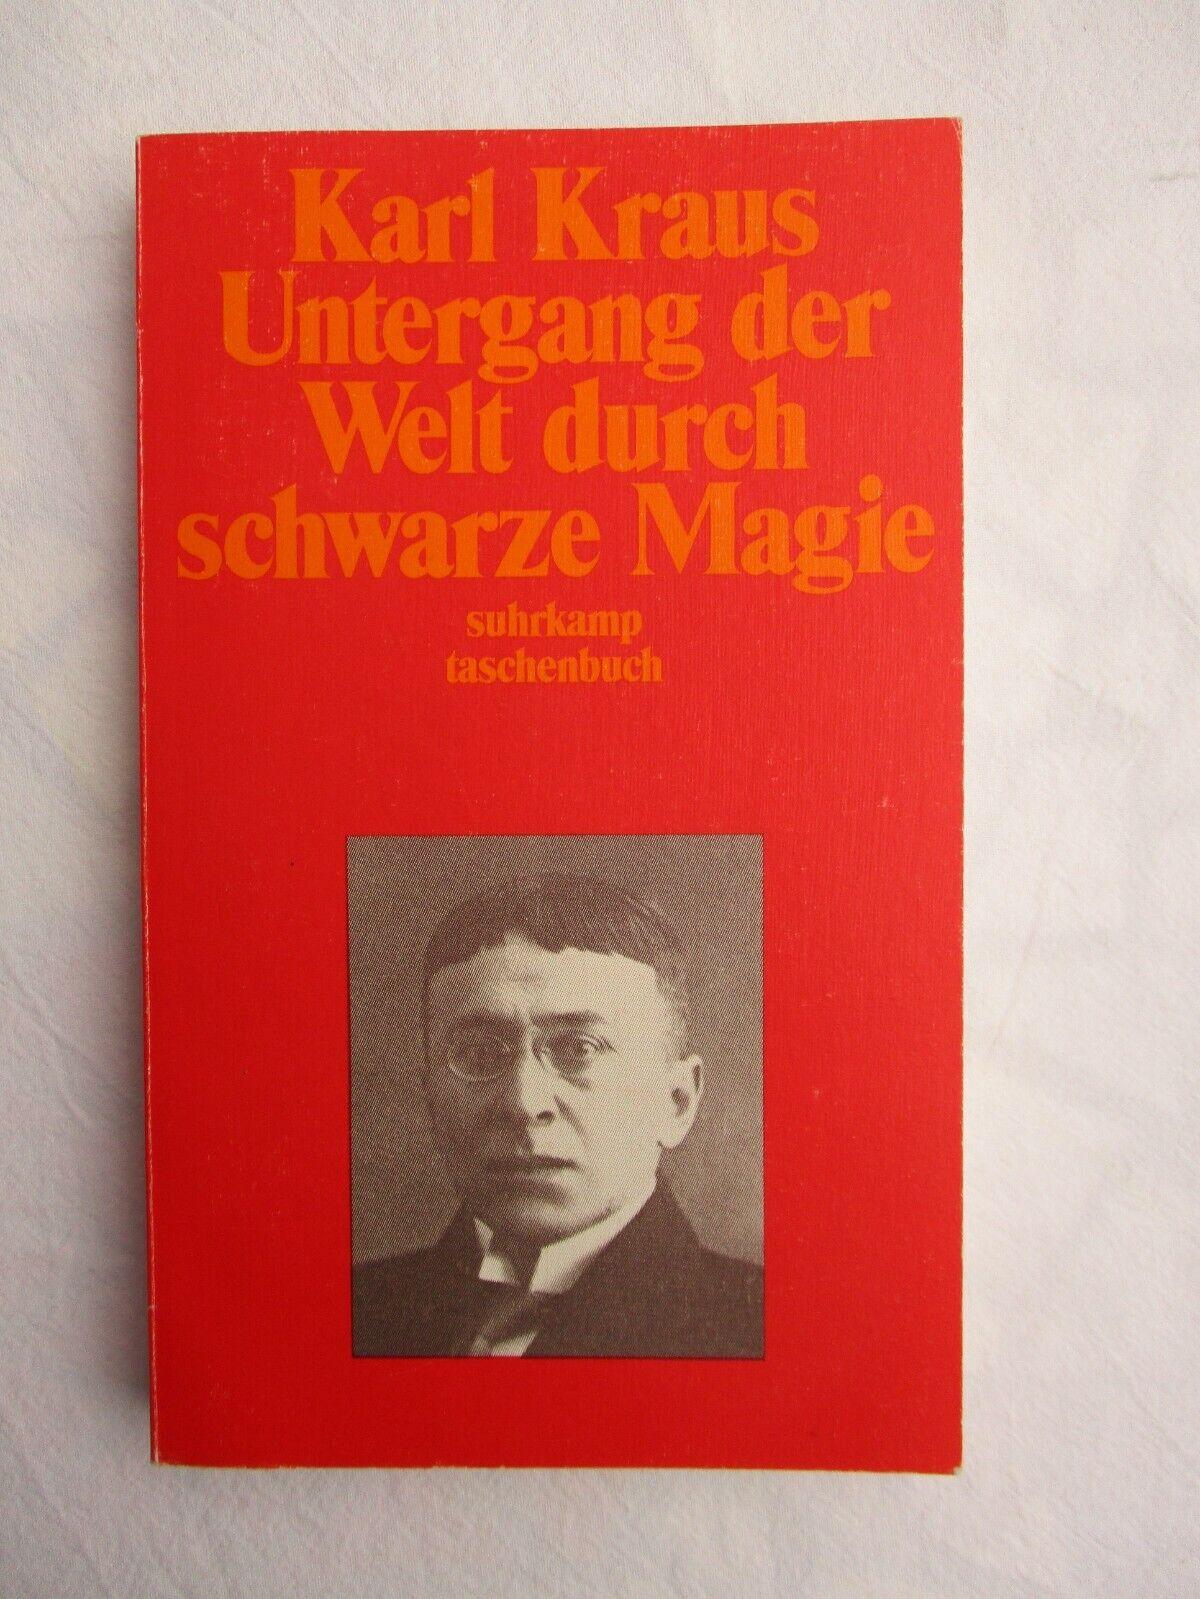 Karl Kraus UNTERGANG DER WELT DURCH SCHWARZE MAGIE Suhrkamp 1989